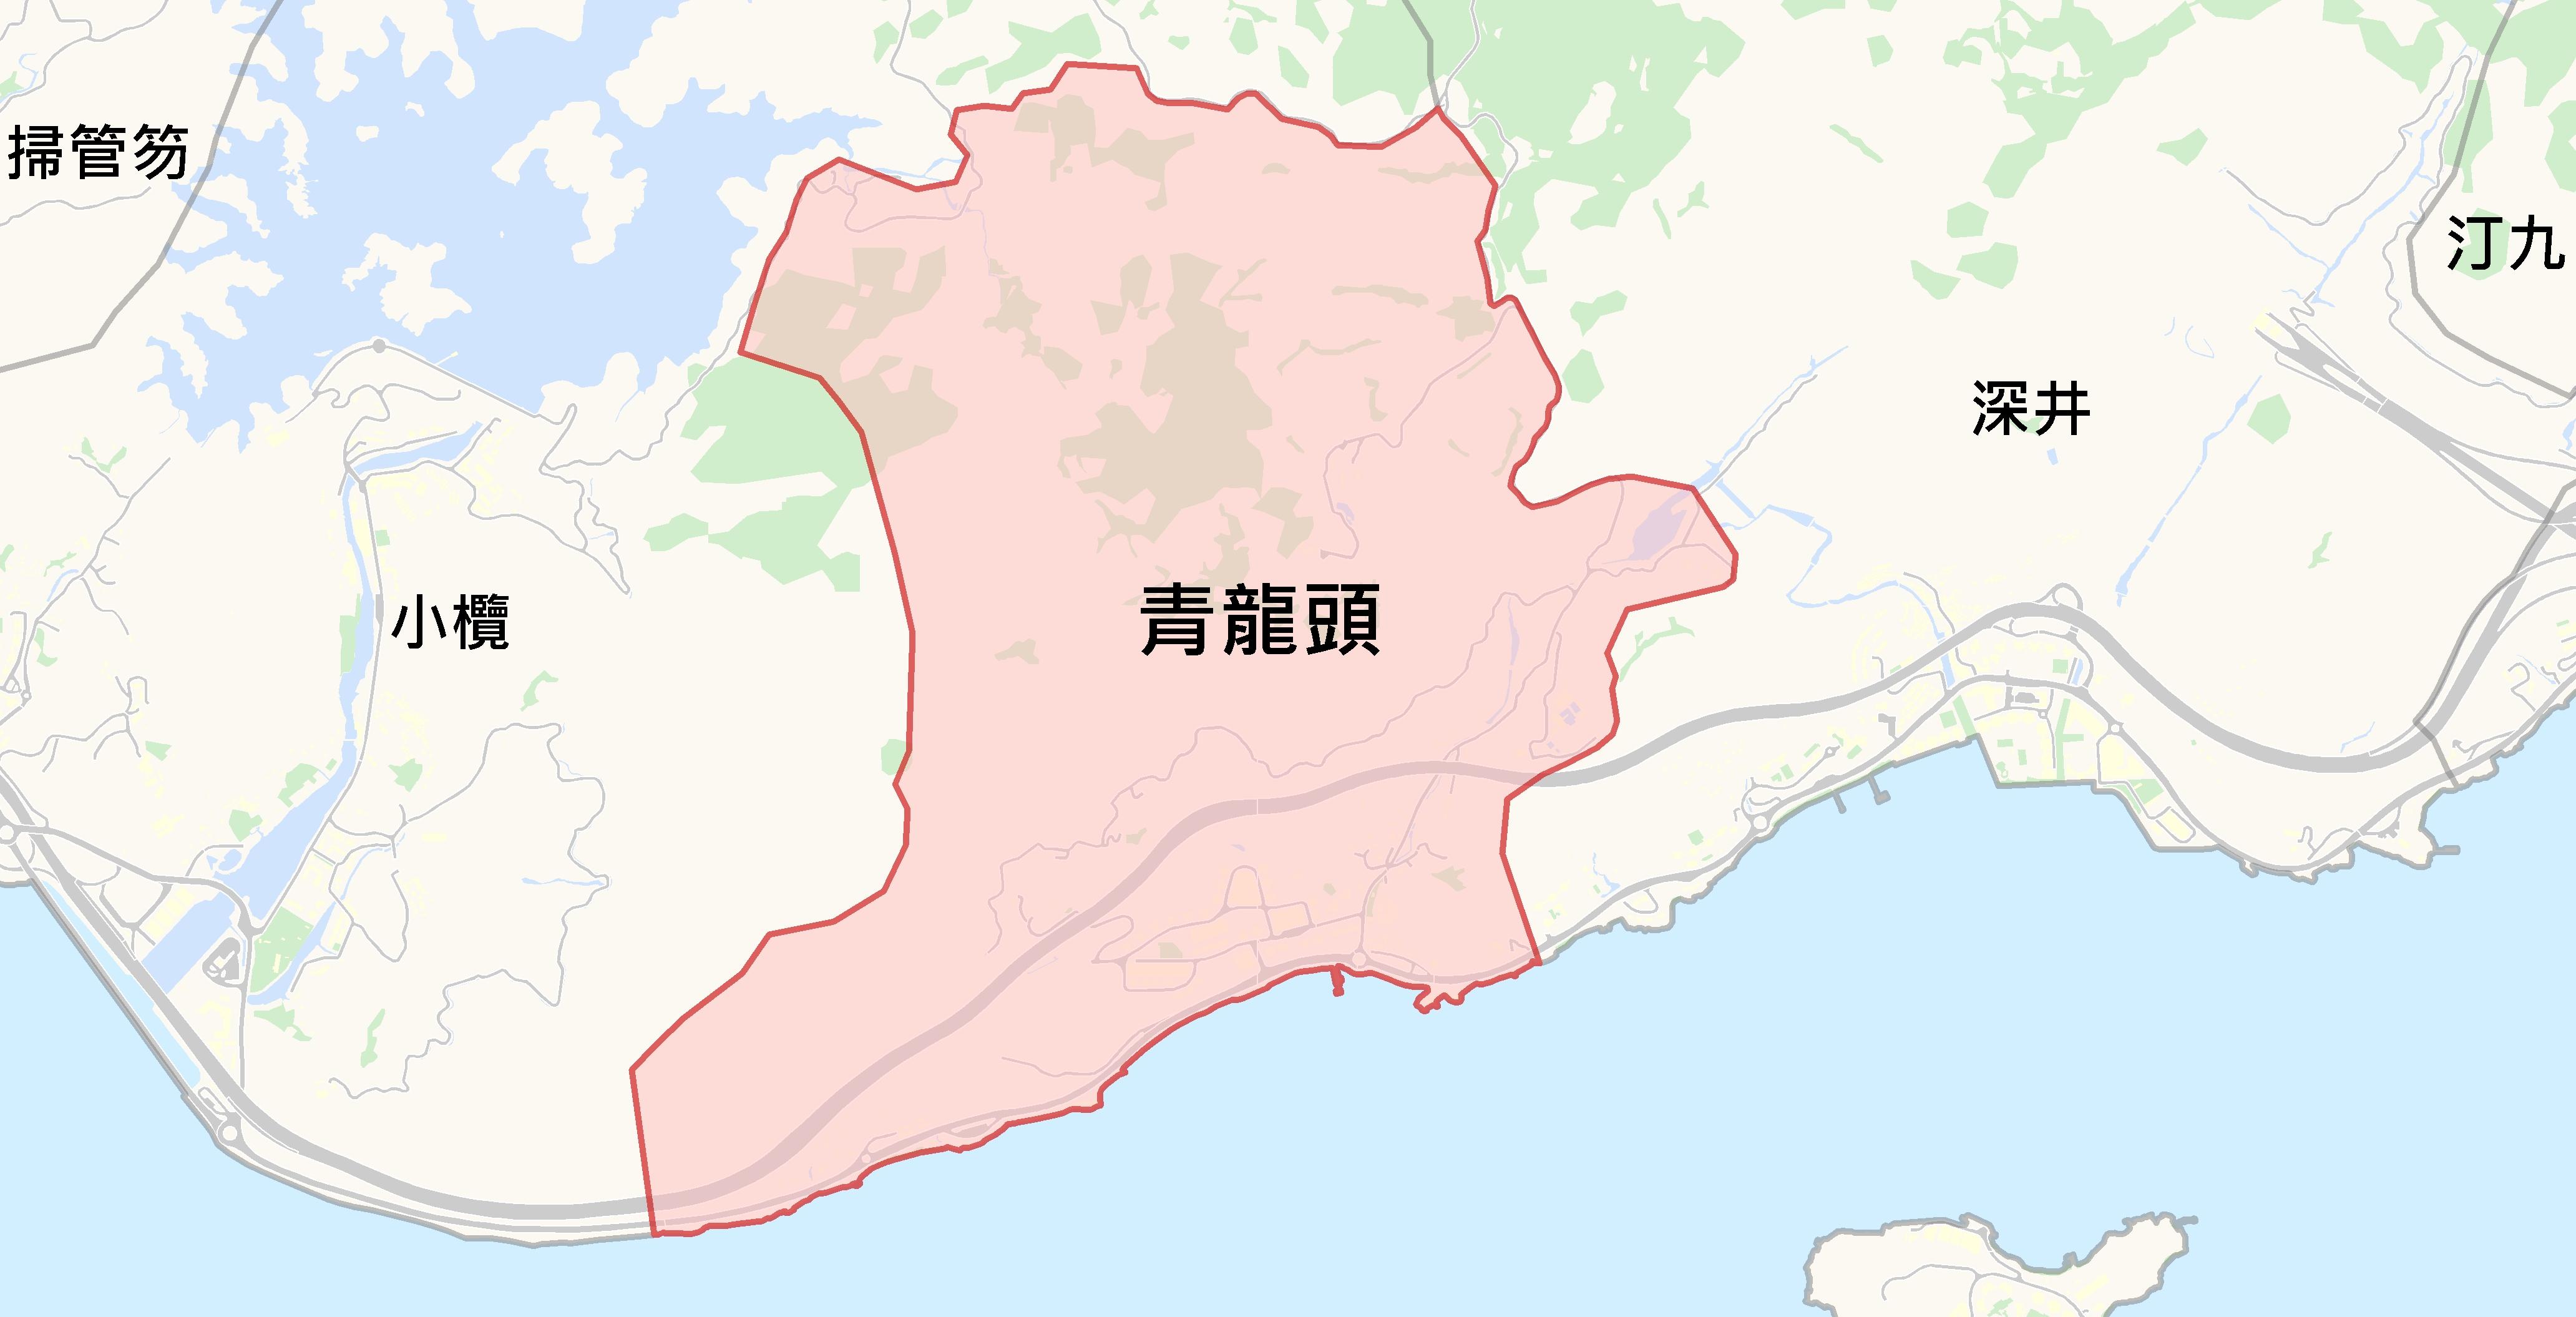 青龍頭@中原樓市片區